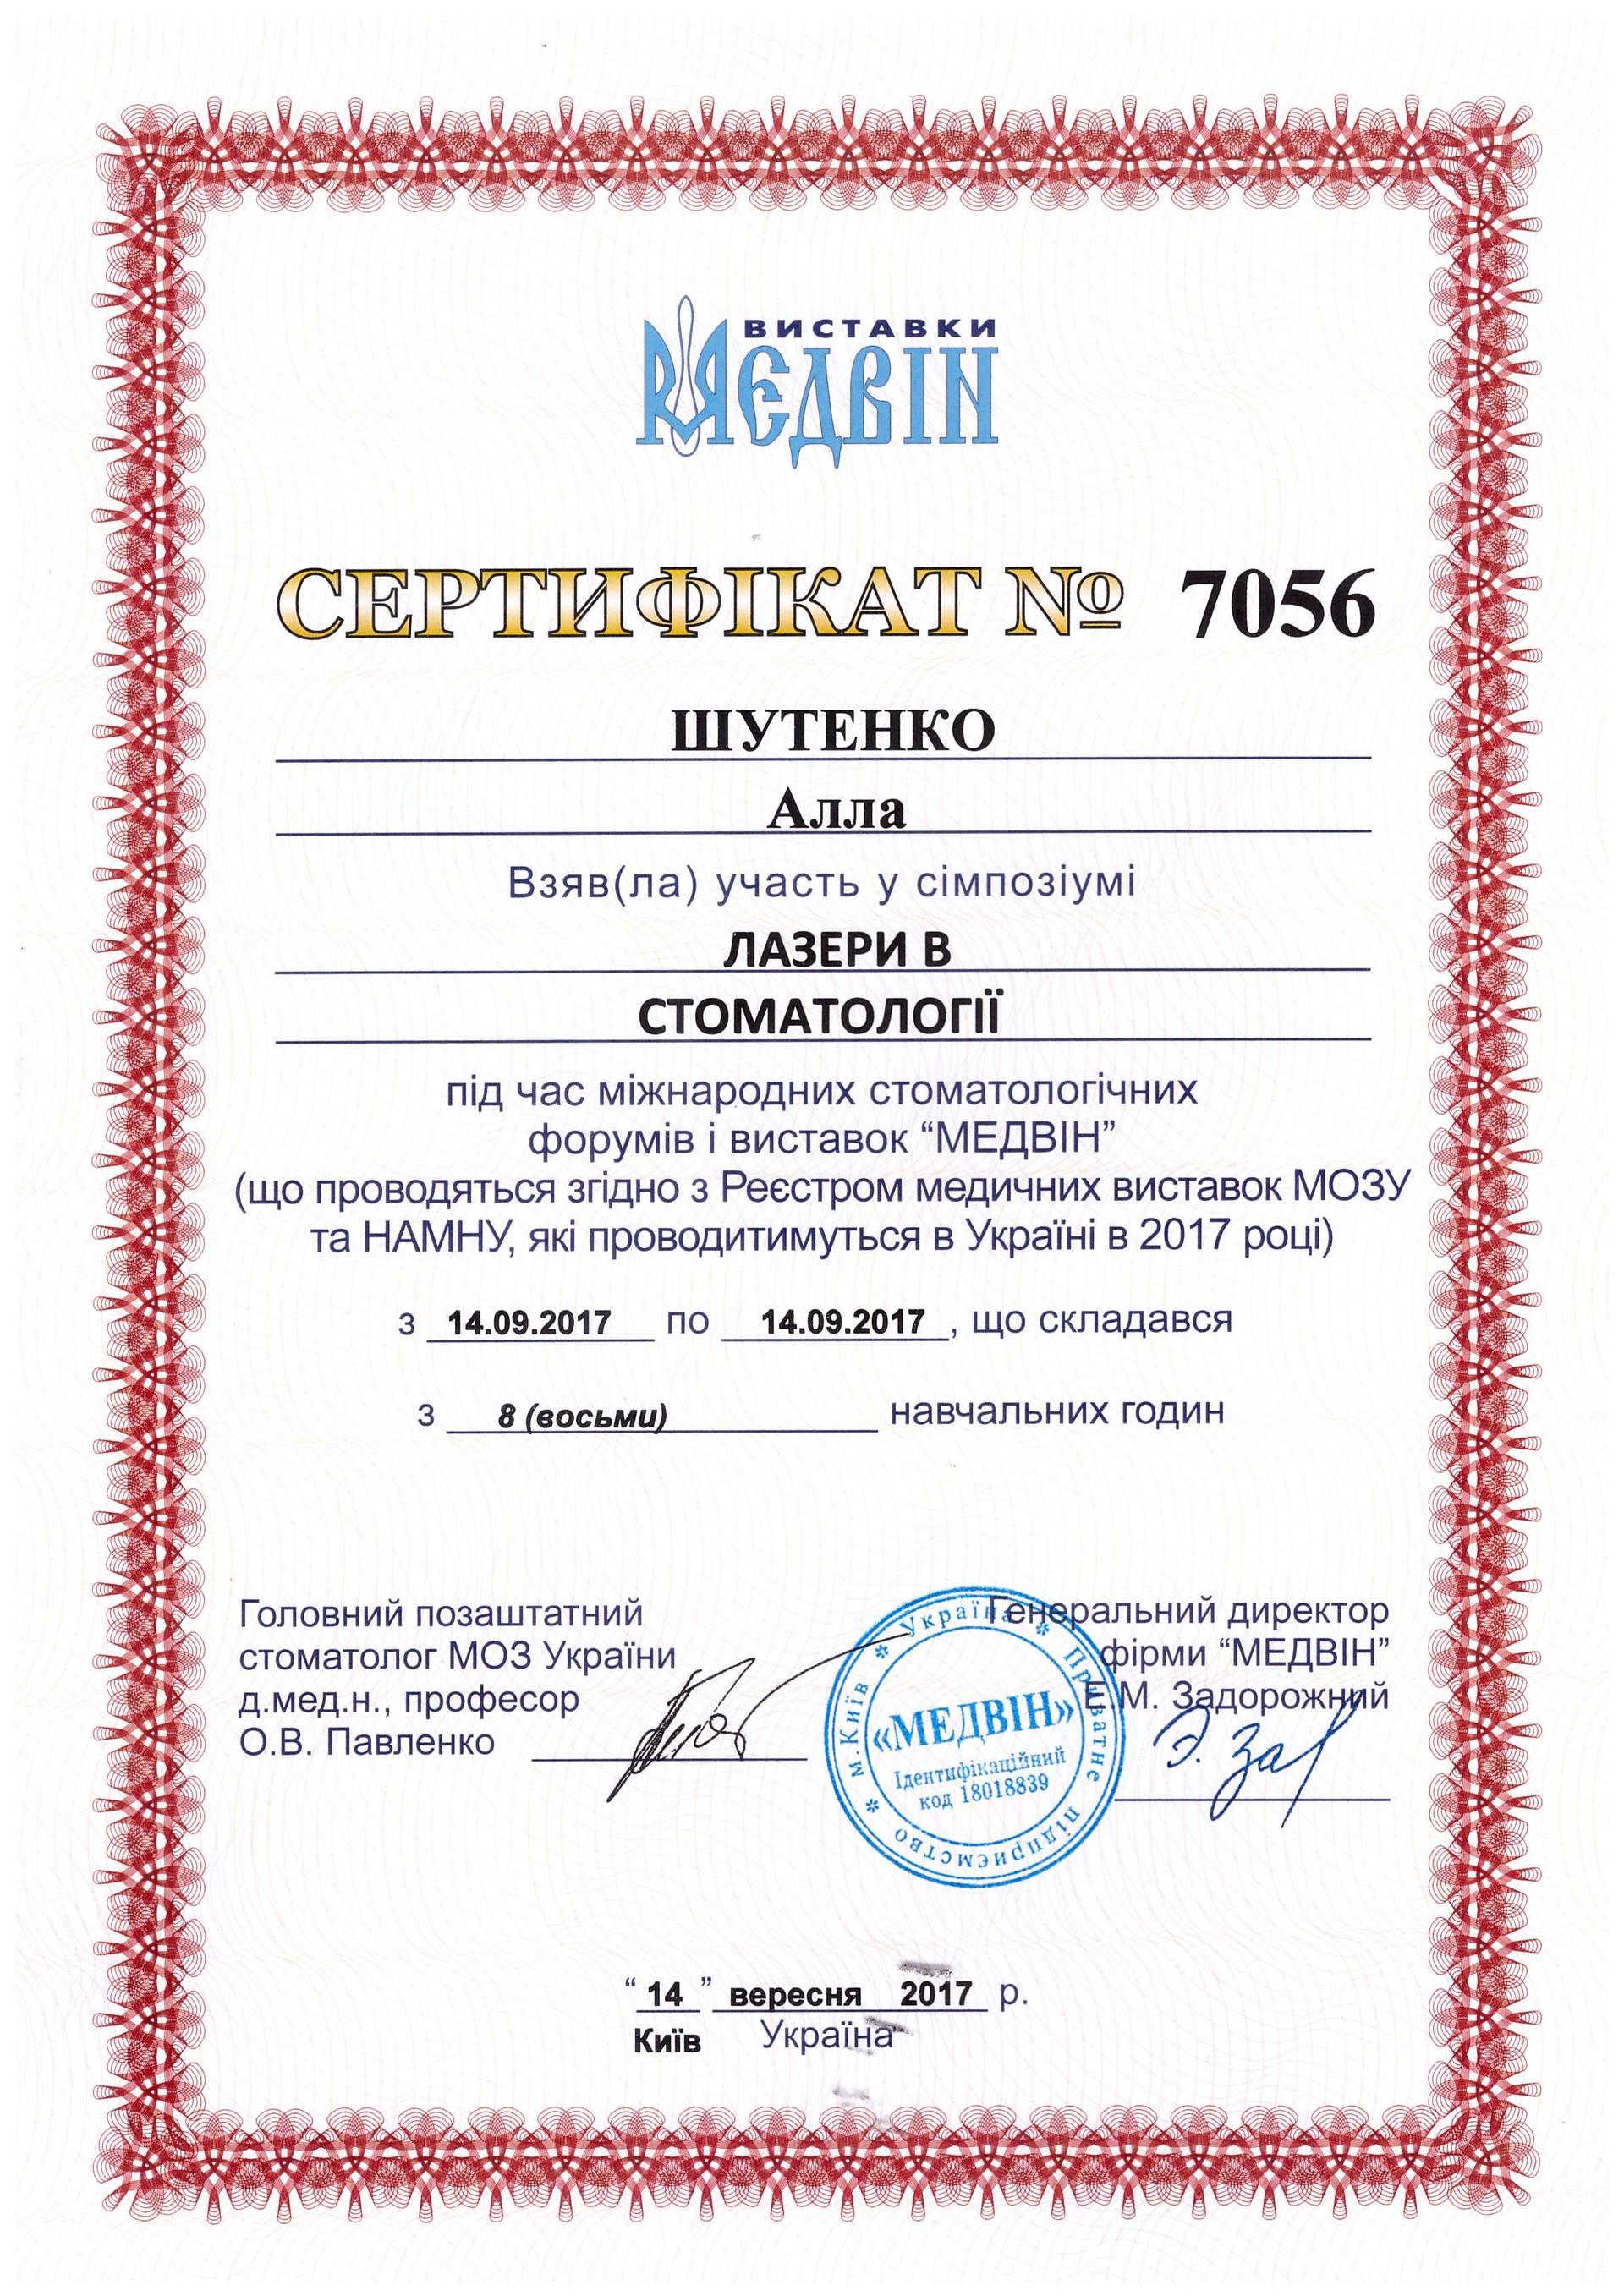 Сертификат_стоматолога#13